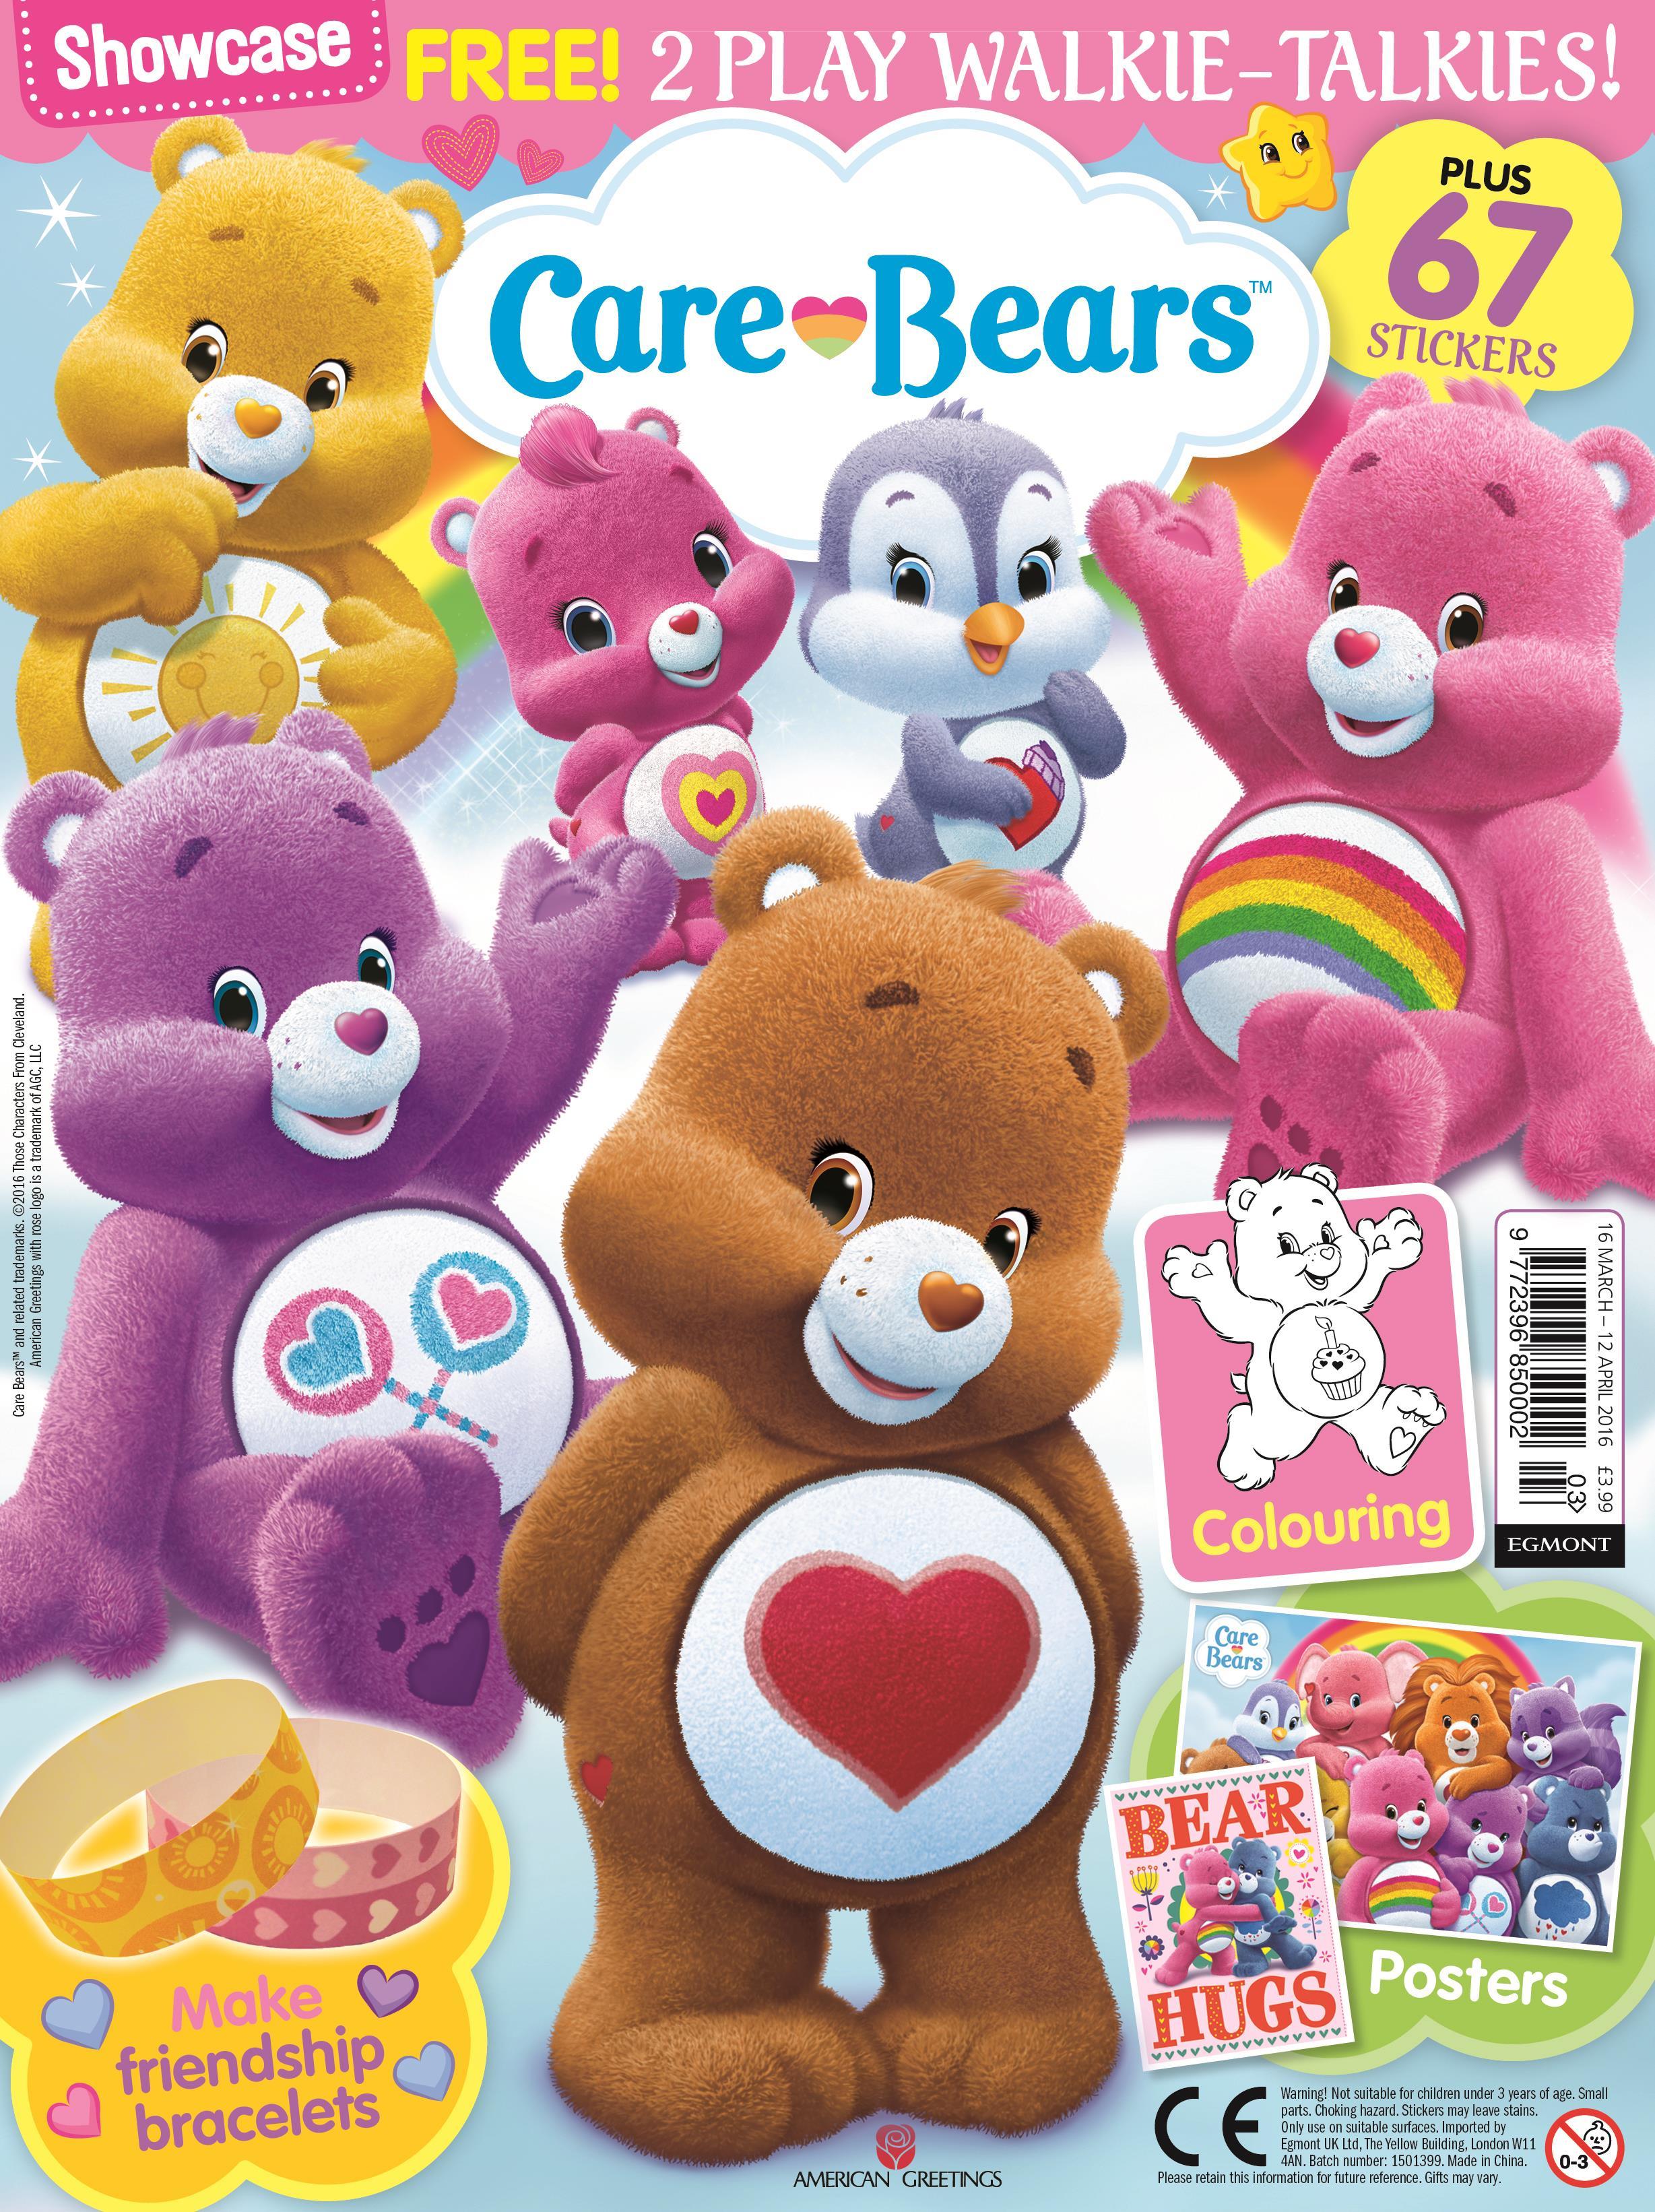 Egmont Publishing Launches Care Bears Edition Of Showcase Magazine